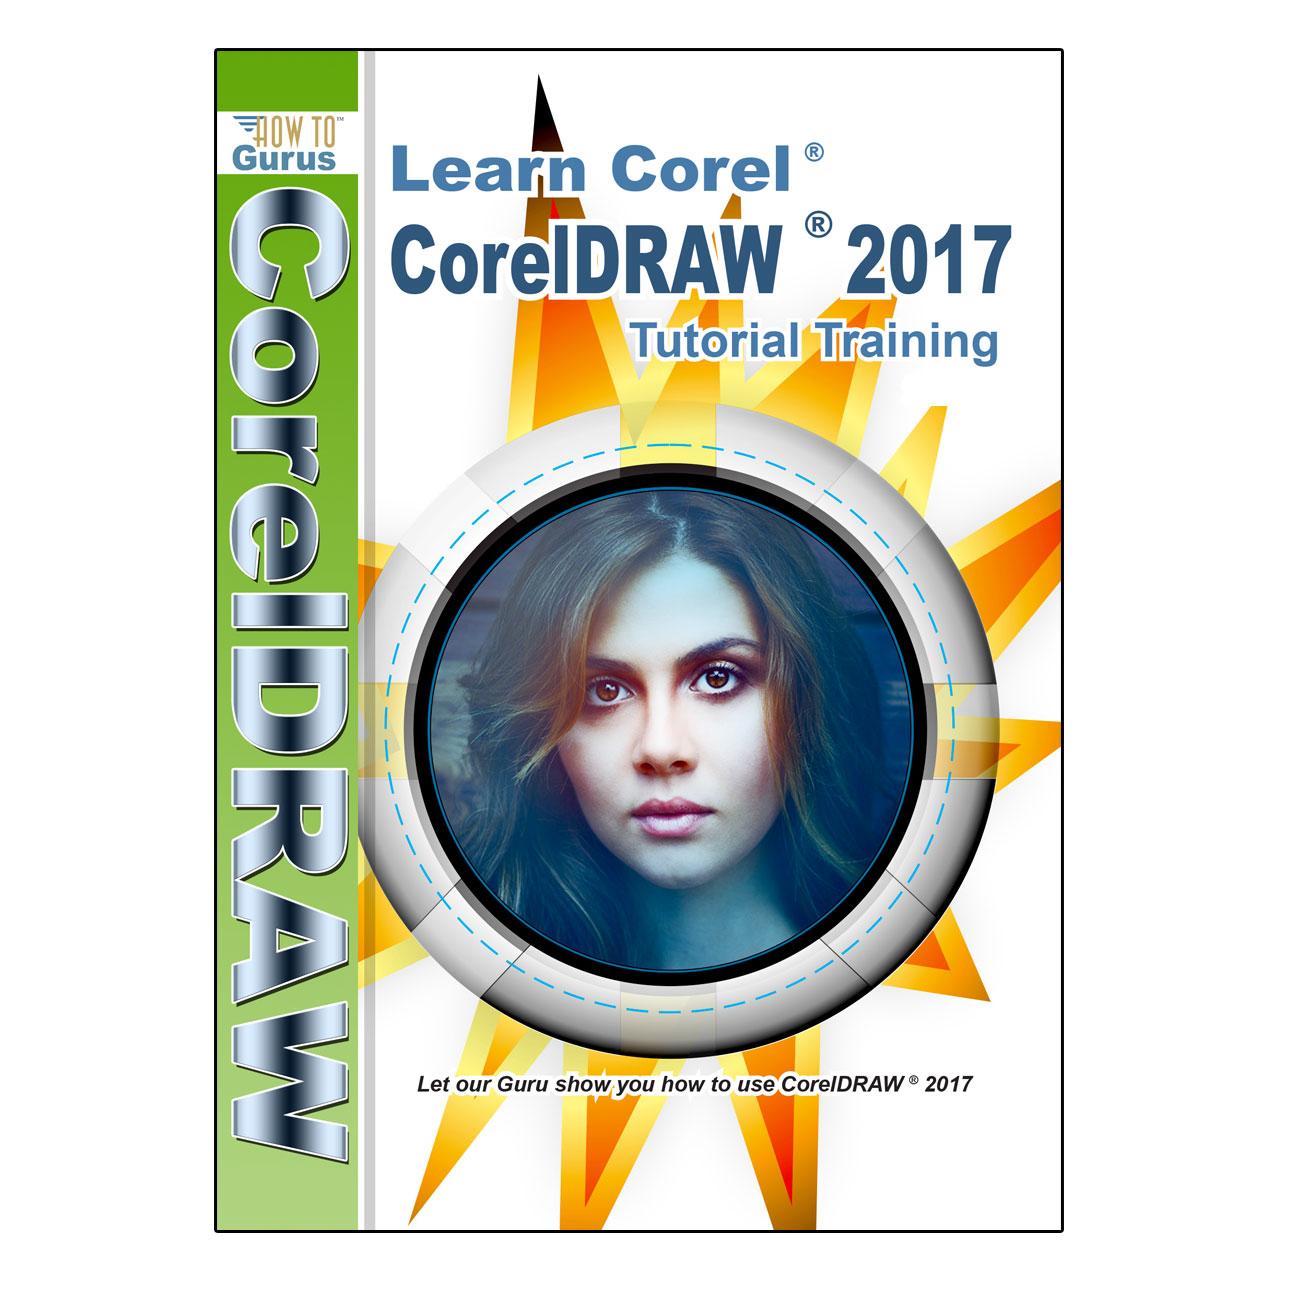 CorelDRAW 2017 Online Course